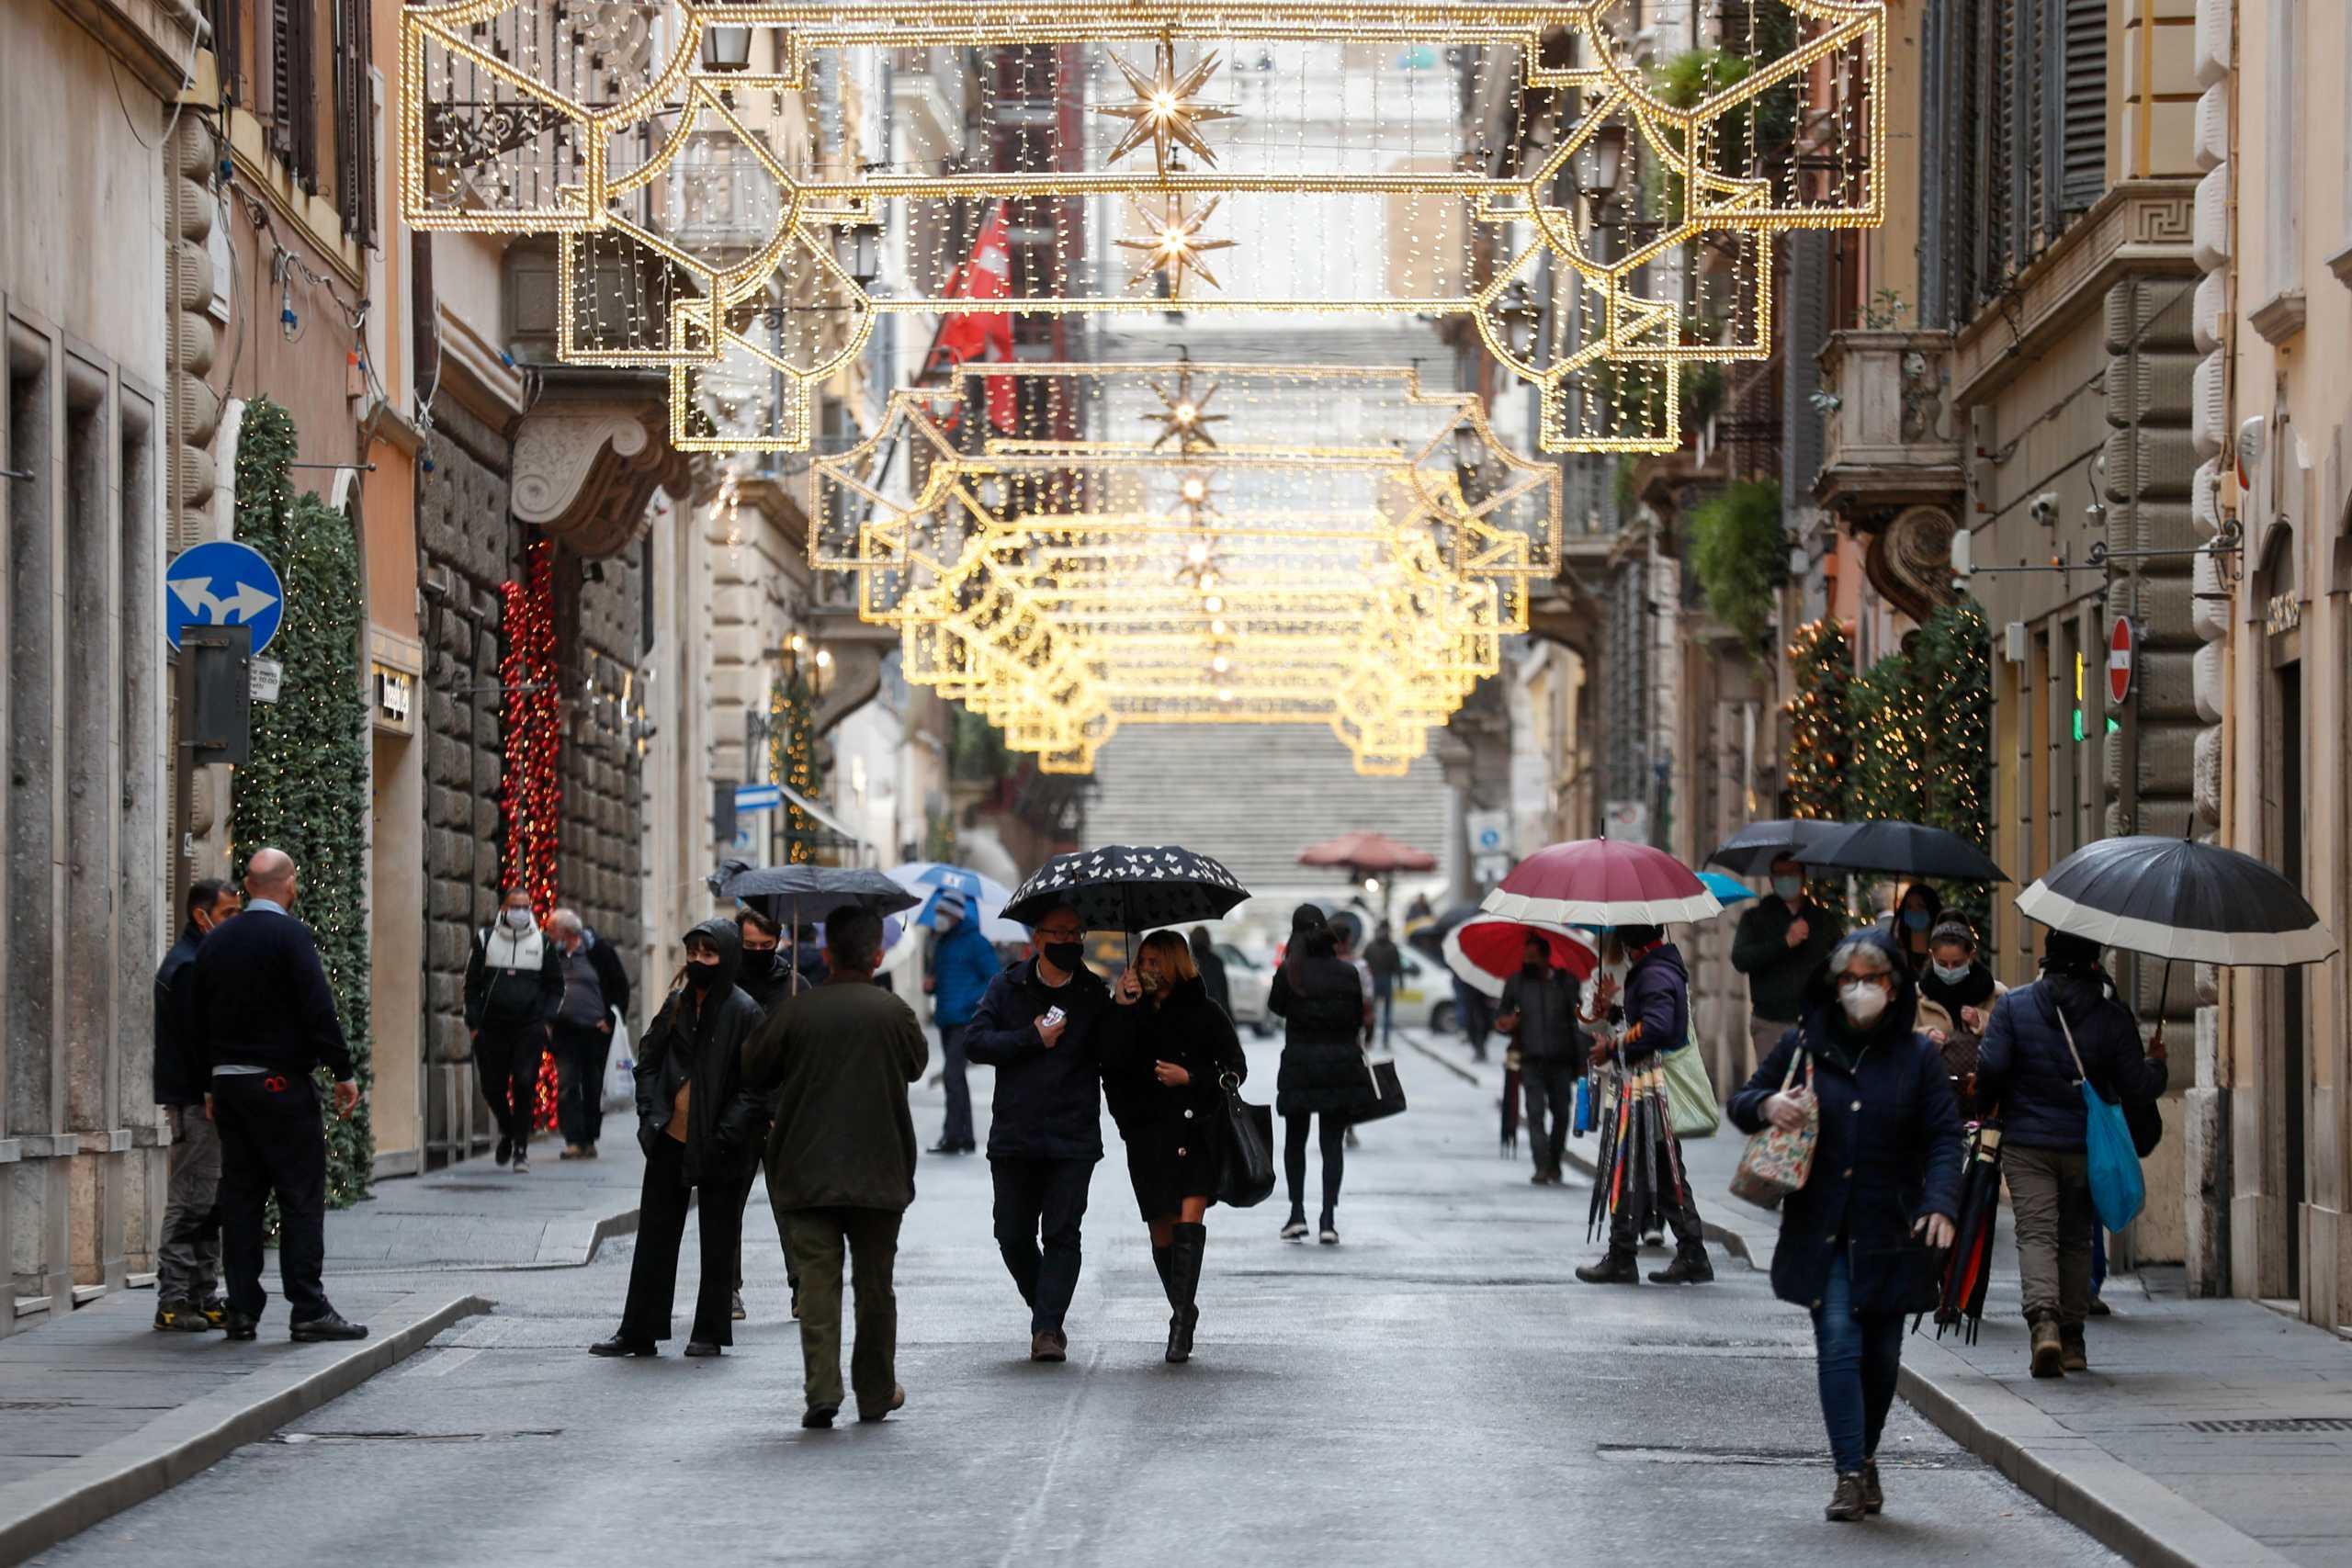 Ιταλία: 649 άνθρωποι έχασαν τη ζωή τους από κορονοϊό και 19.903 βγήκαν θετικοί σήμερα